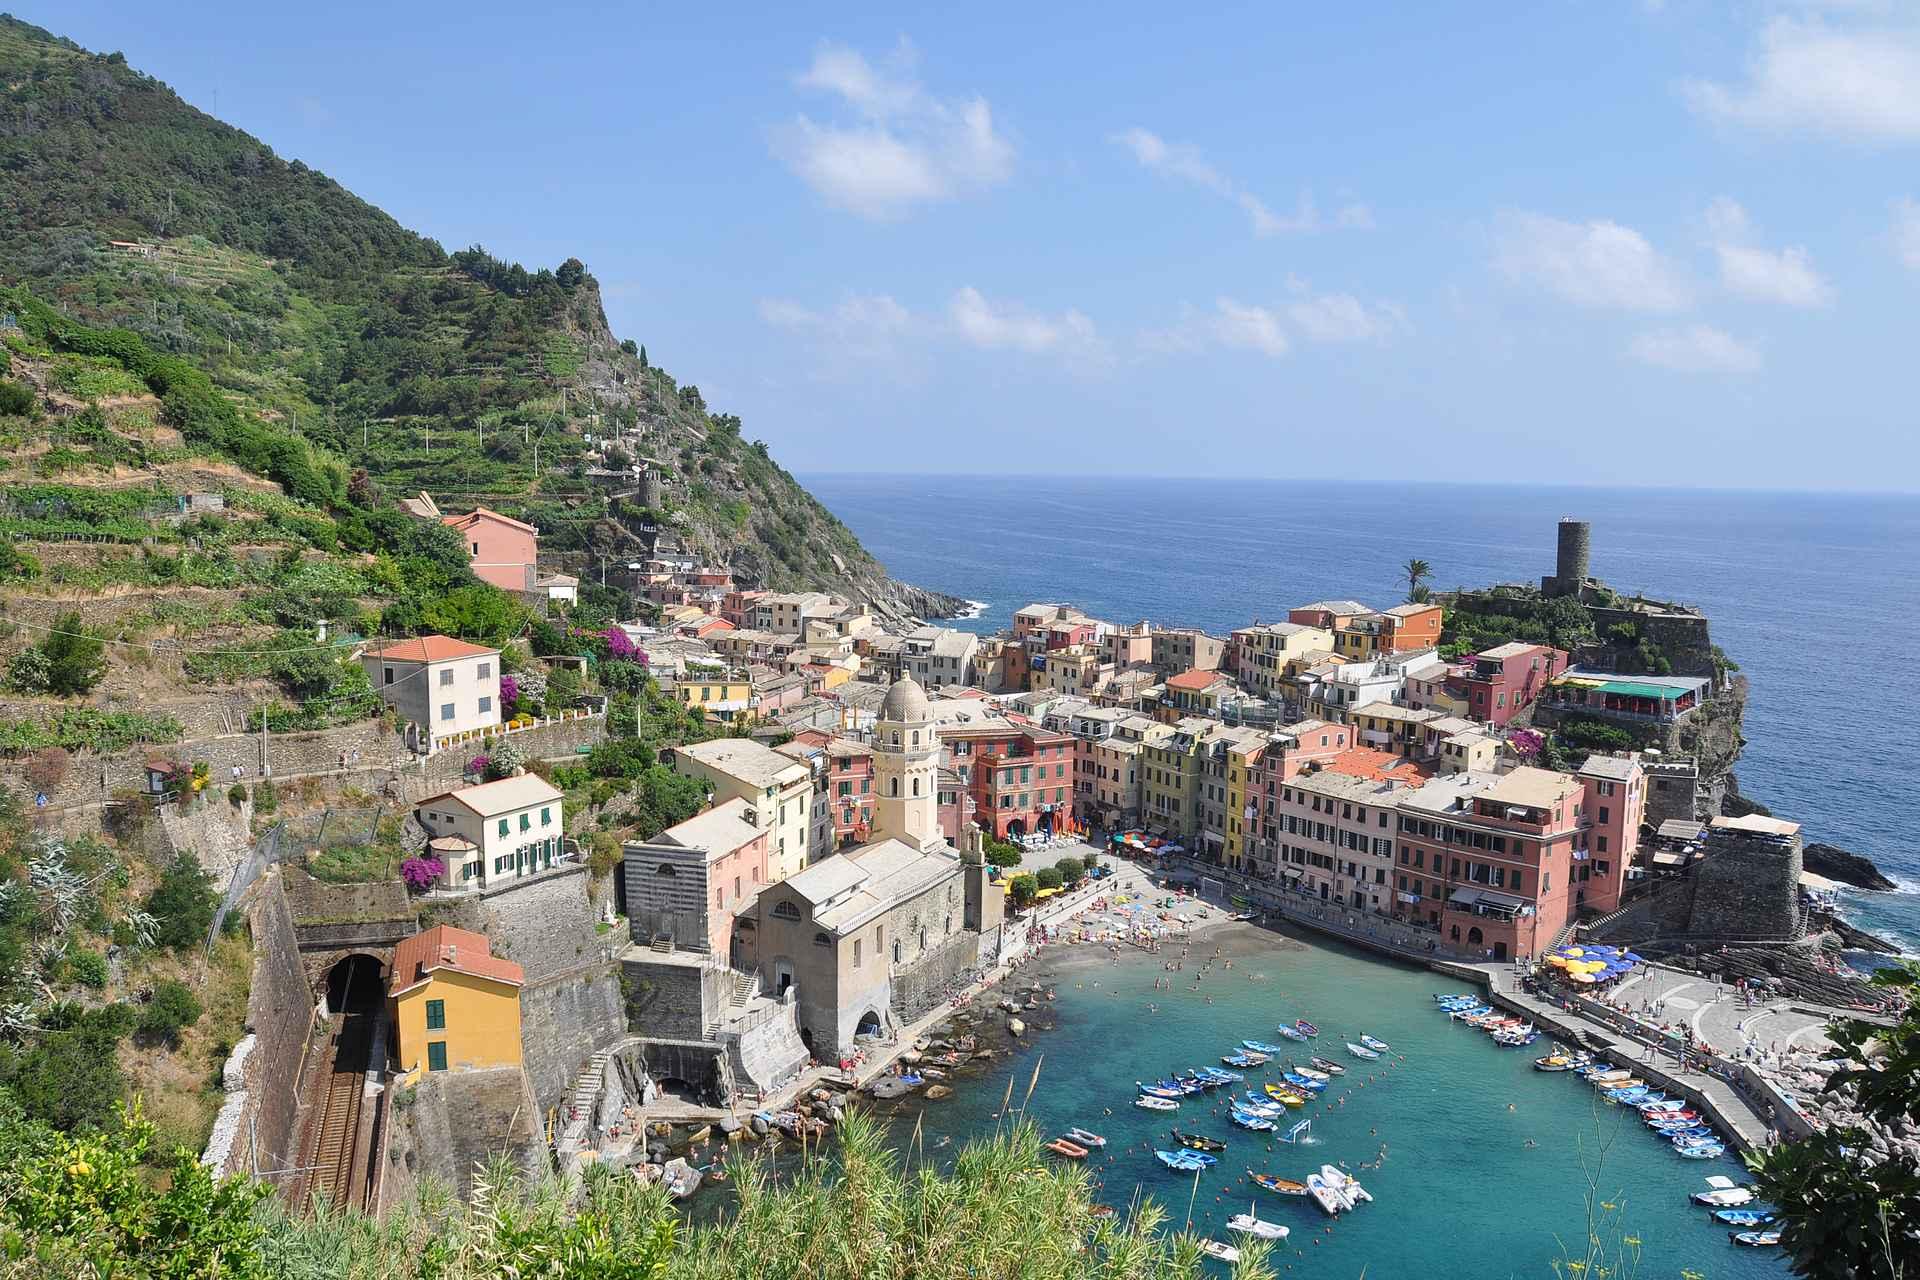 Monet pitävät Vernazzaa Cinque Terren kauneimpana kylänä.